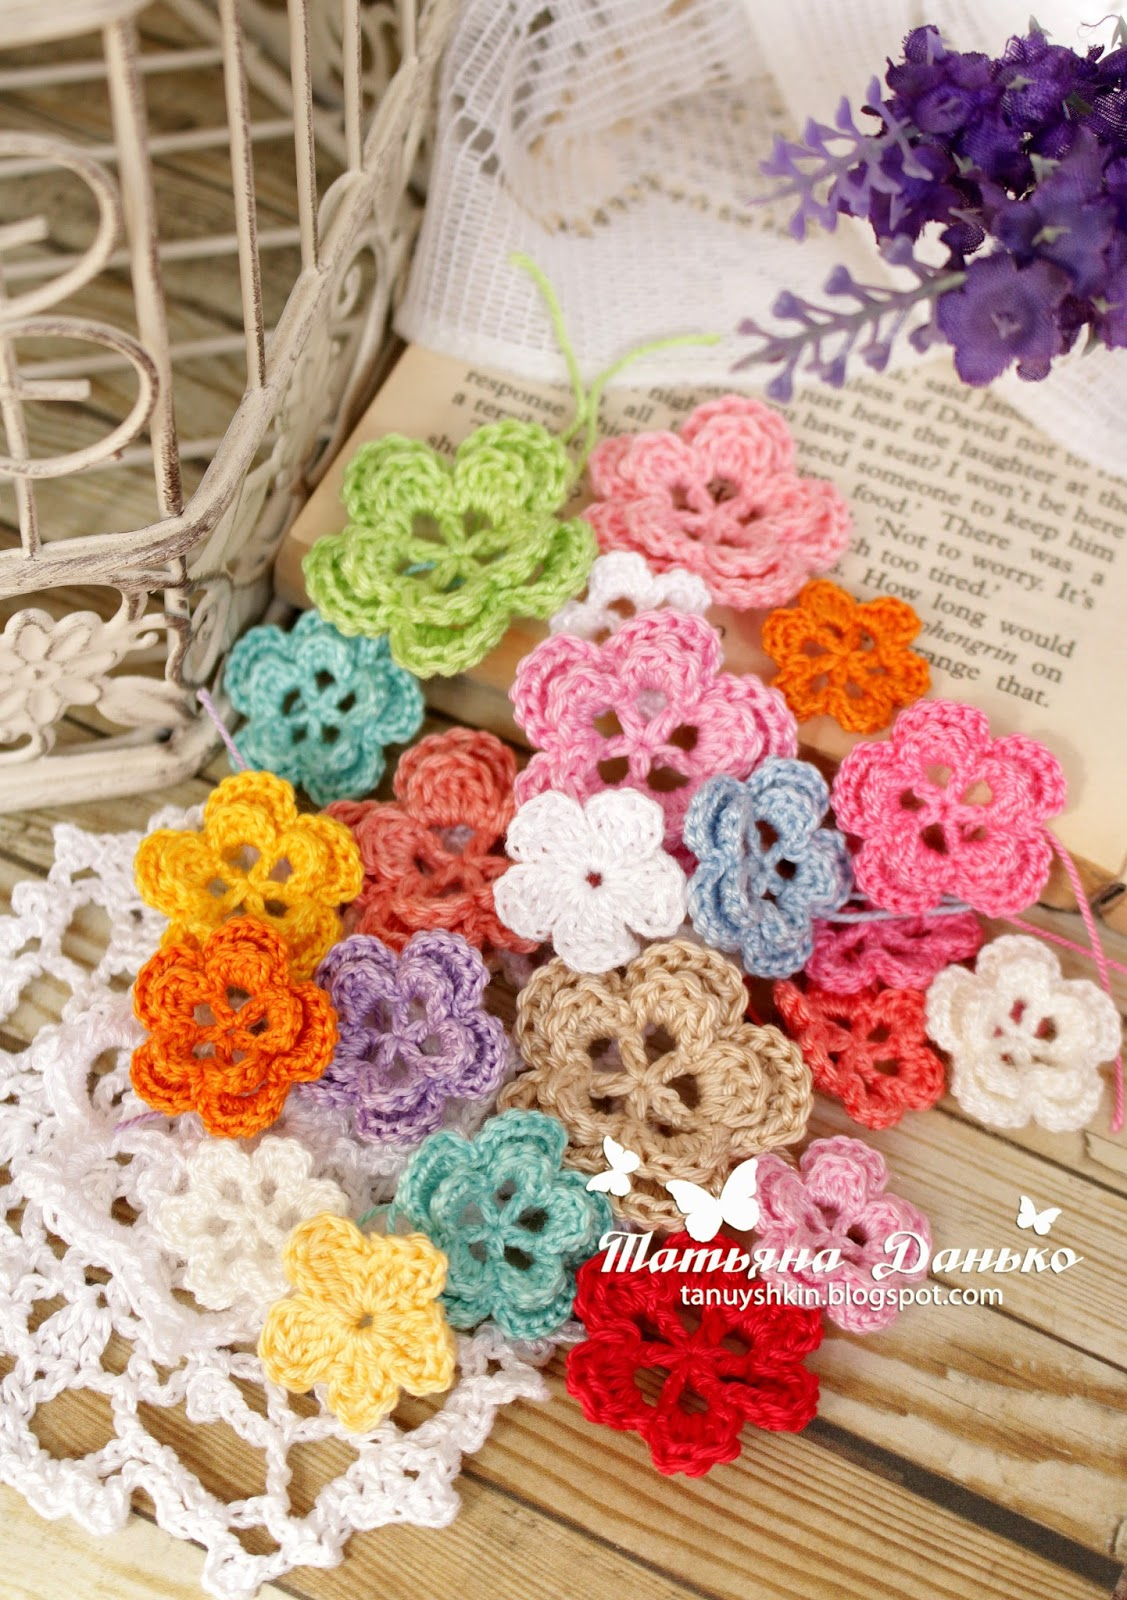 Магазин вязаных цветочков Танюшки Данько